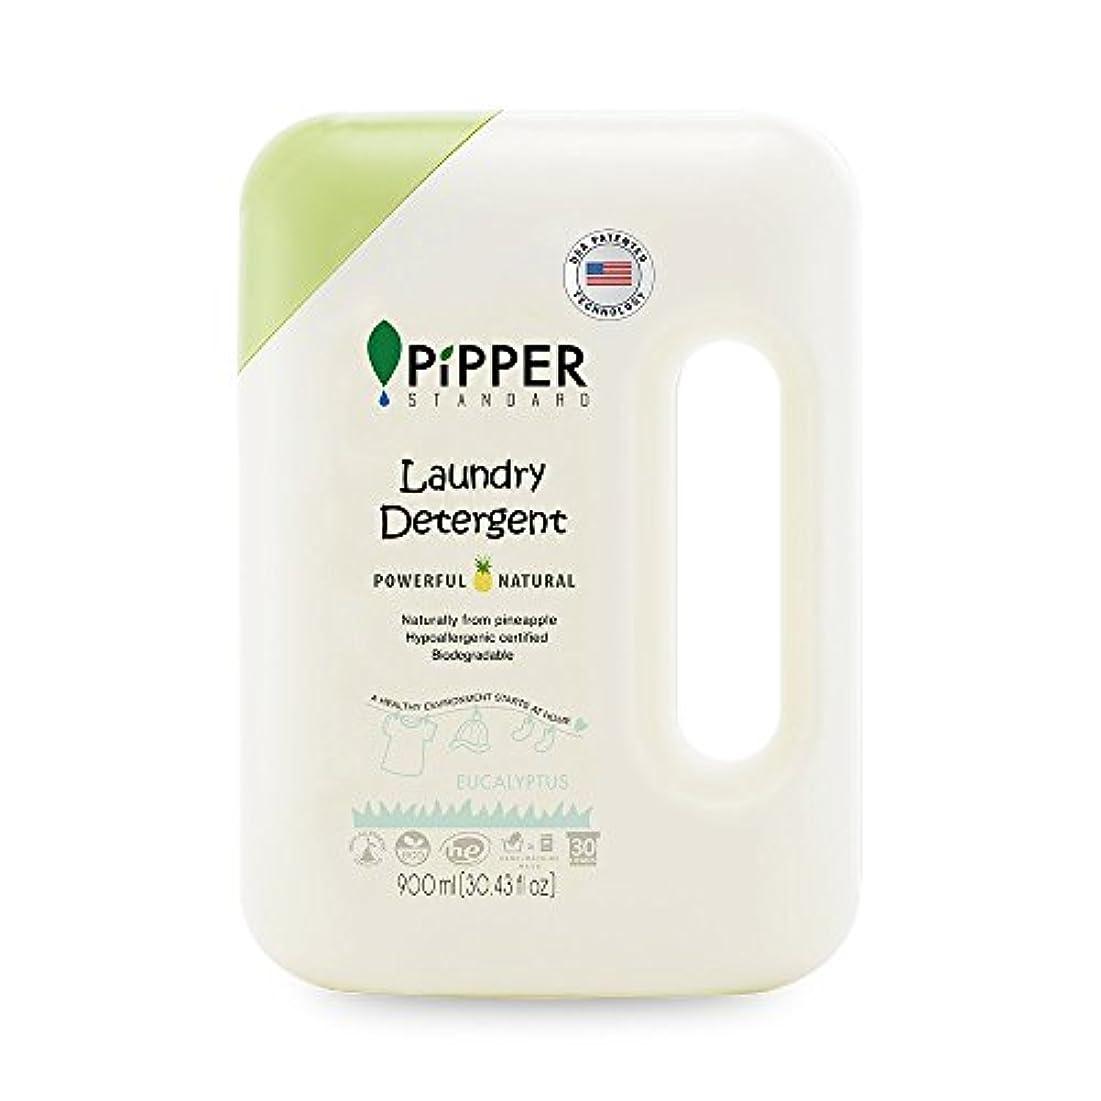 ライセンス軍艦検出するPiPPER STANDARD(ピッパースタンダード) パワフル&ナチュラル 衣類用洗濯洗剤 900ml ボトル 本体 (ユーカリプタス)